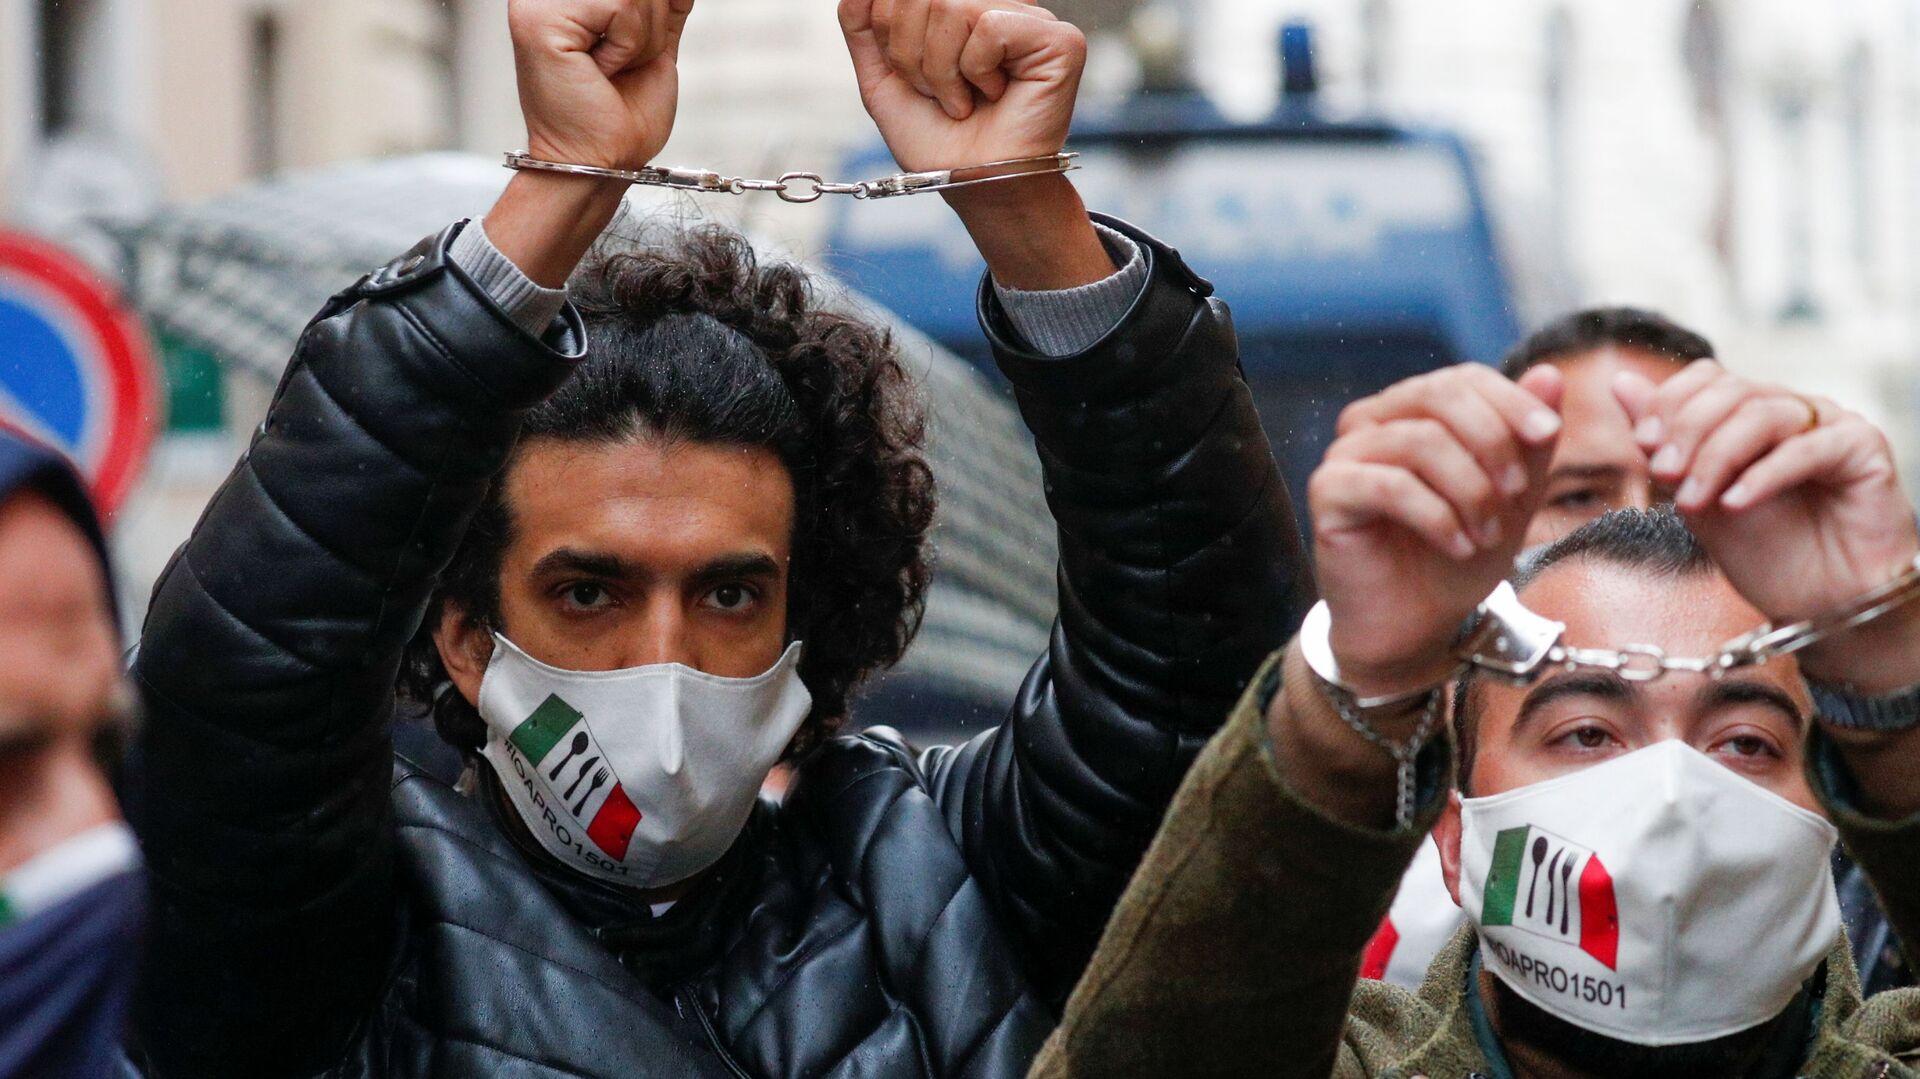 IoApro, la manifestazione non autorizzata a Roma - Sputnik Italia, 1920, 26.07.2021